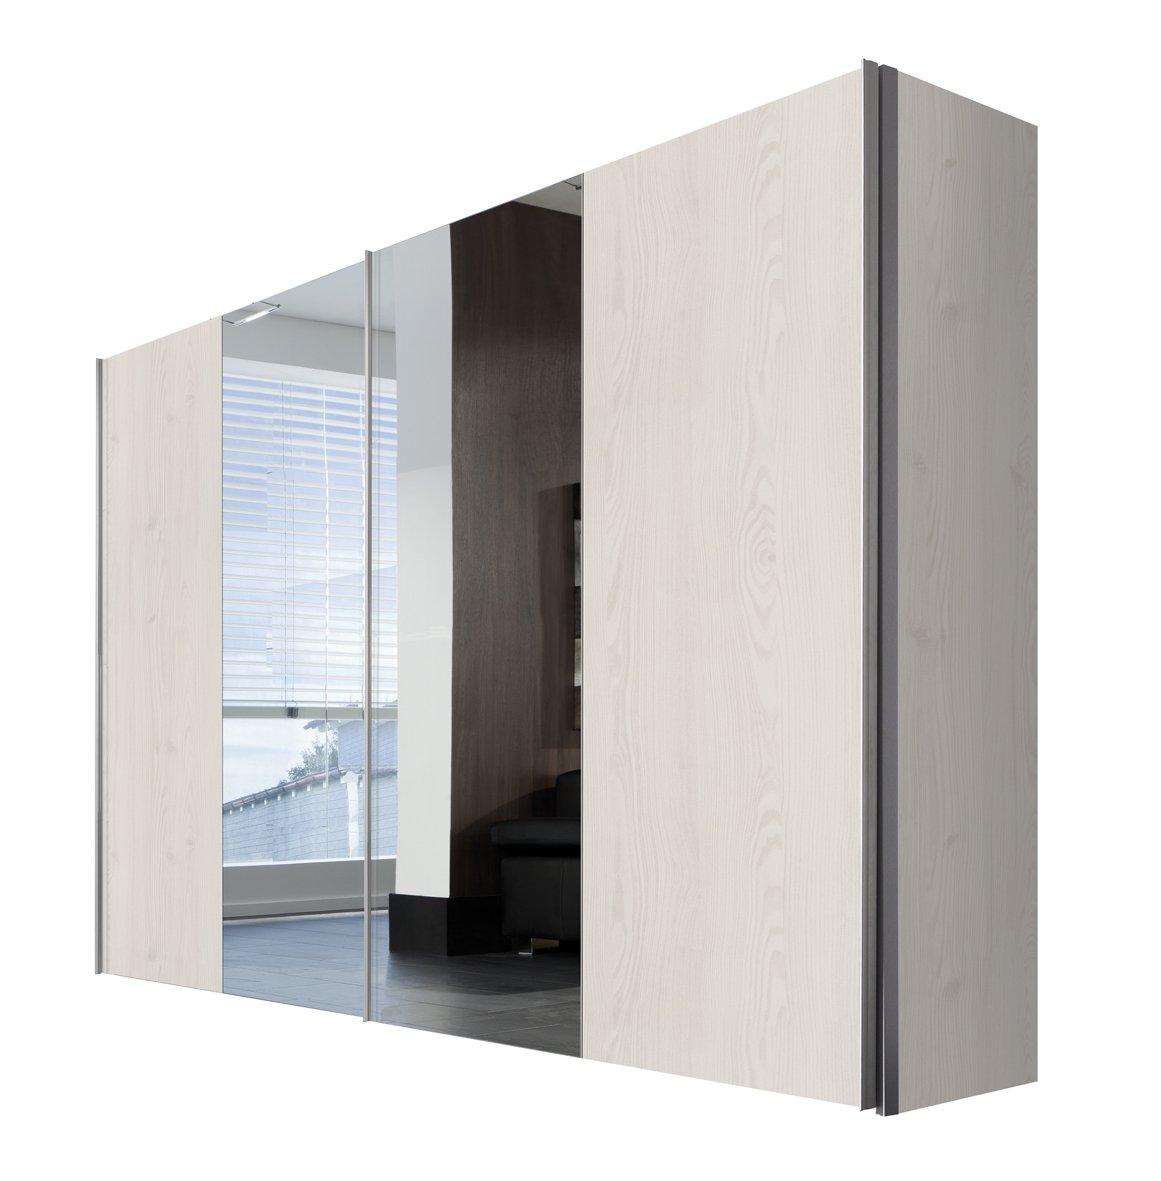 Solutions 04540 – 360 Armario de Puertas correderas (2 Puertas Cuerpo y Frontal Sibiu de alerce, Espejo, Mango Listones alufarben, 68 x 300 x 216 cm: Amazon.es: Hogar